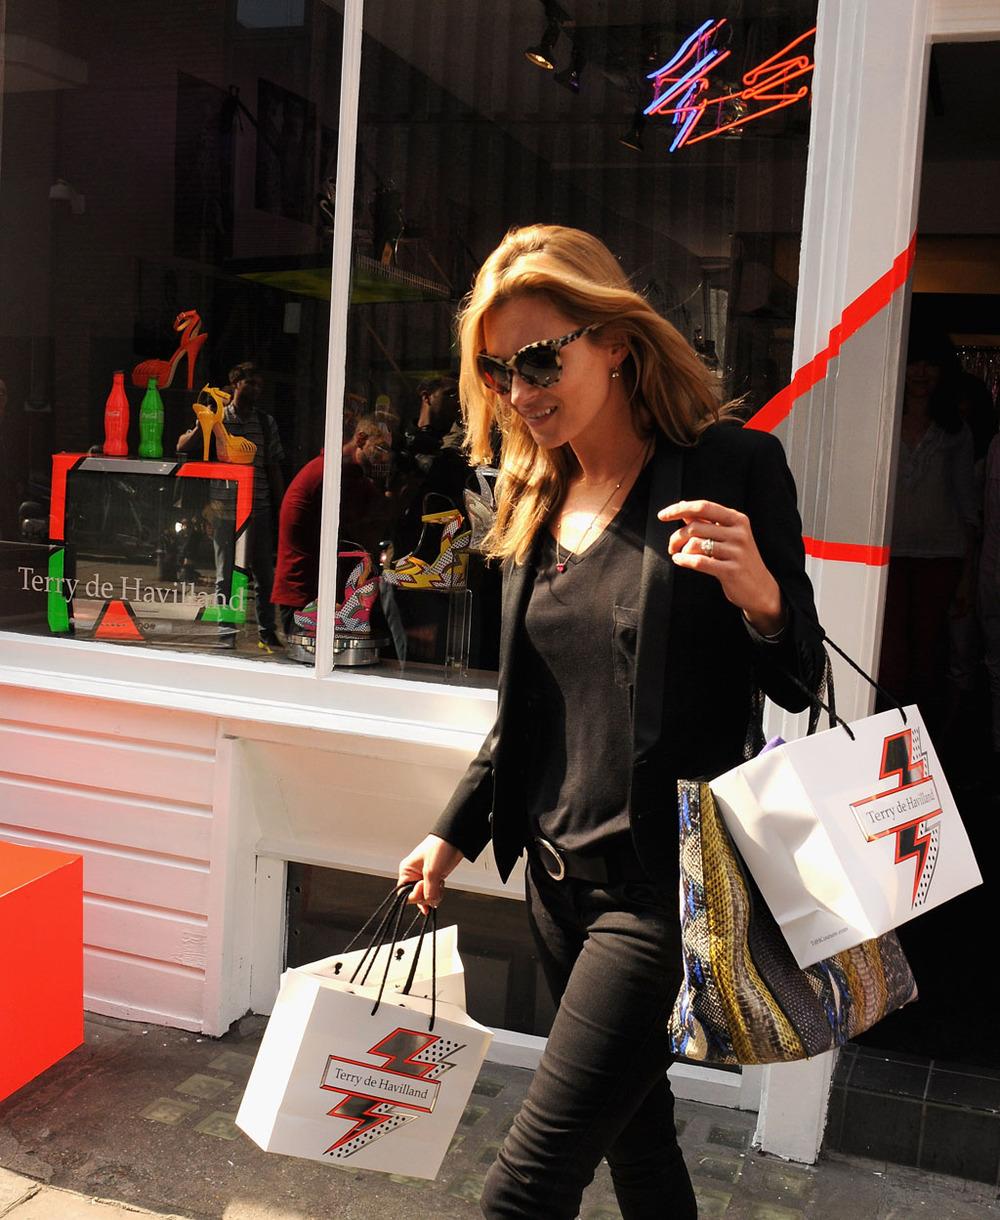 Kate Moss wychodzi z pracowni Therry'ego de Havillanda/mat. Viva! Moda